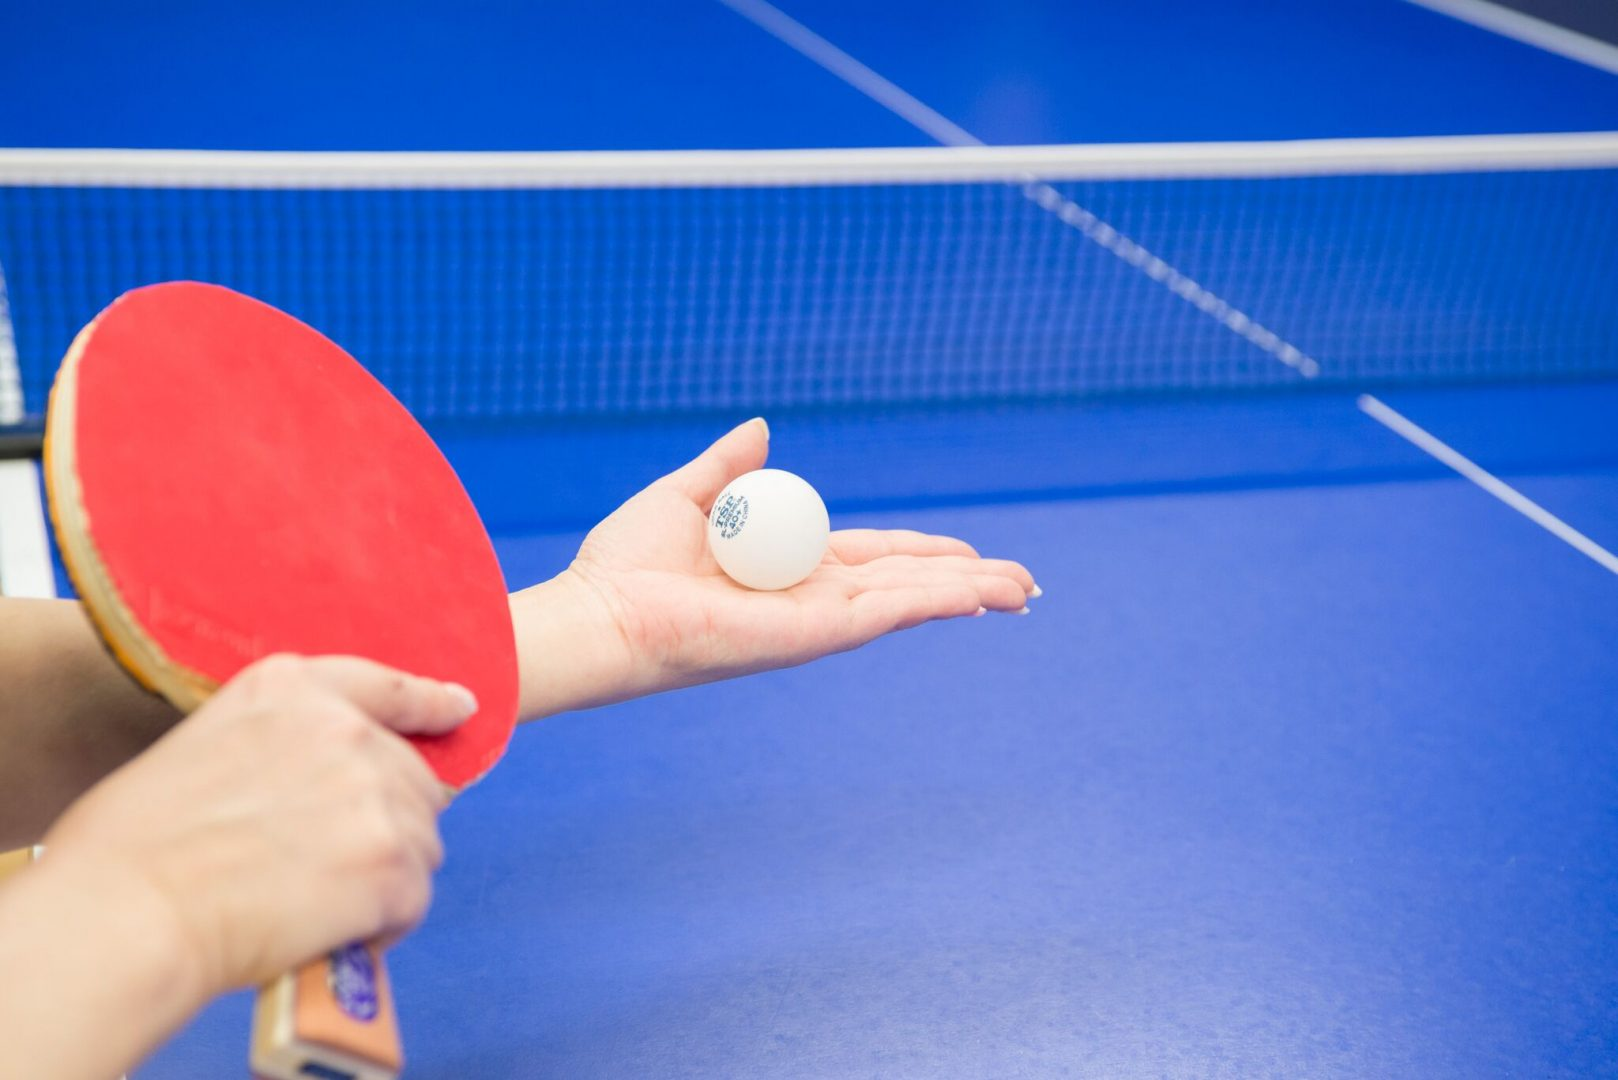 【卓求人】「好きを仕事にする」卓球関連求人情報を